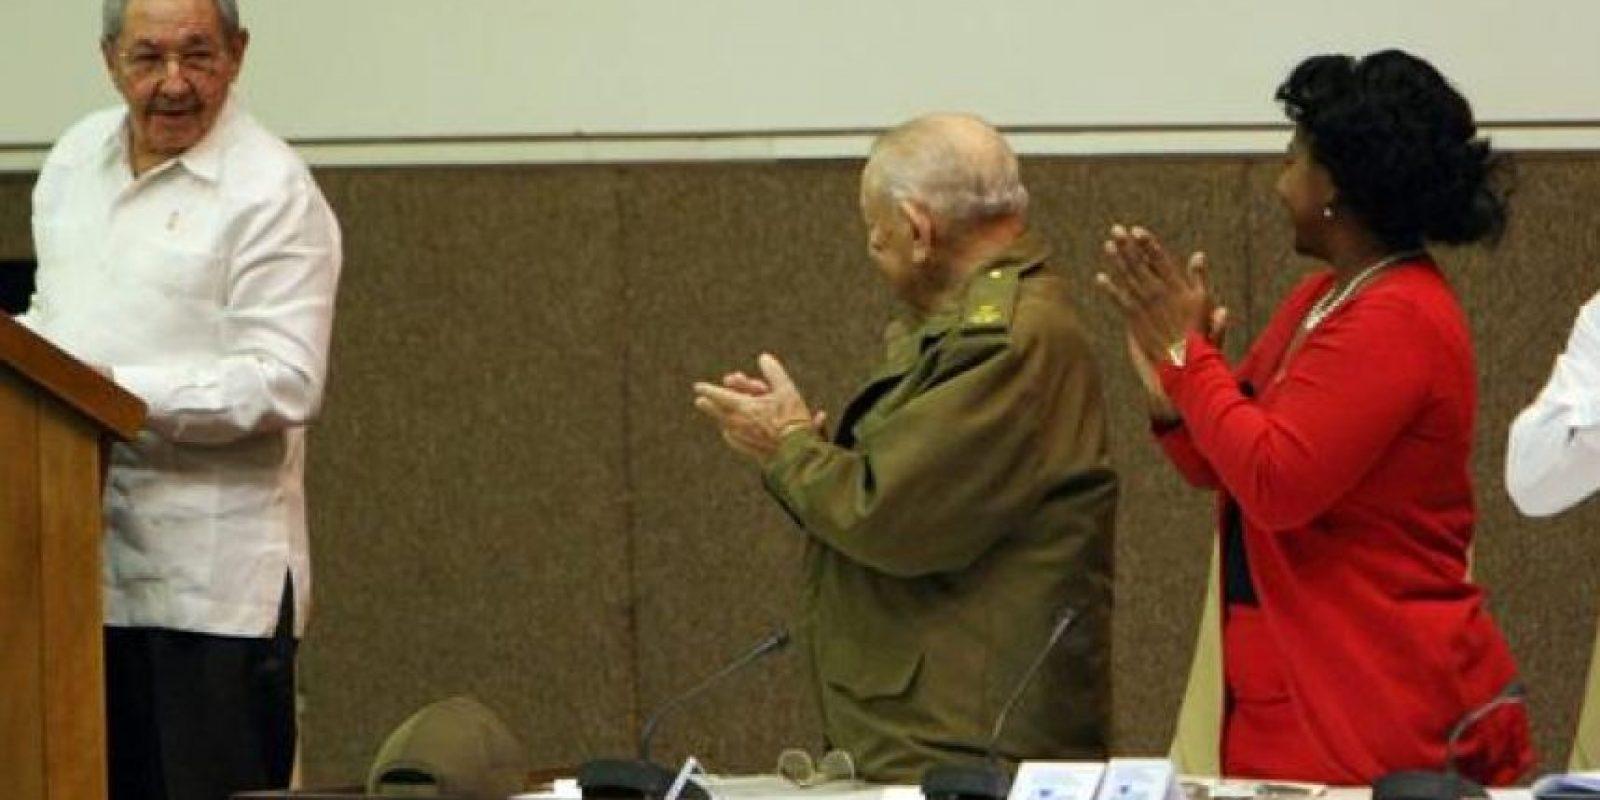 El presidente de Cuba, Raúl Castro (i), asiste a la sesión de clausura de la Asamblea cubana, en La Habana (Cuba). EFE